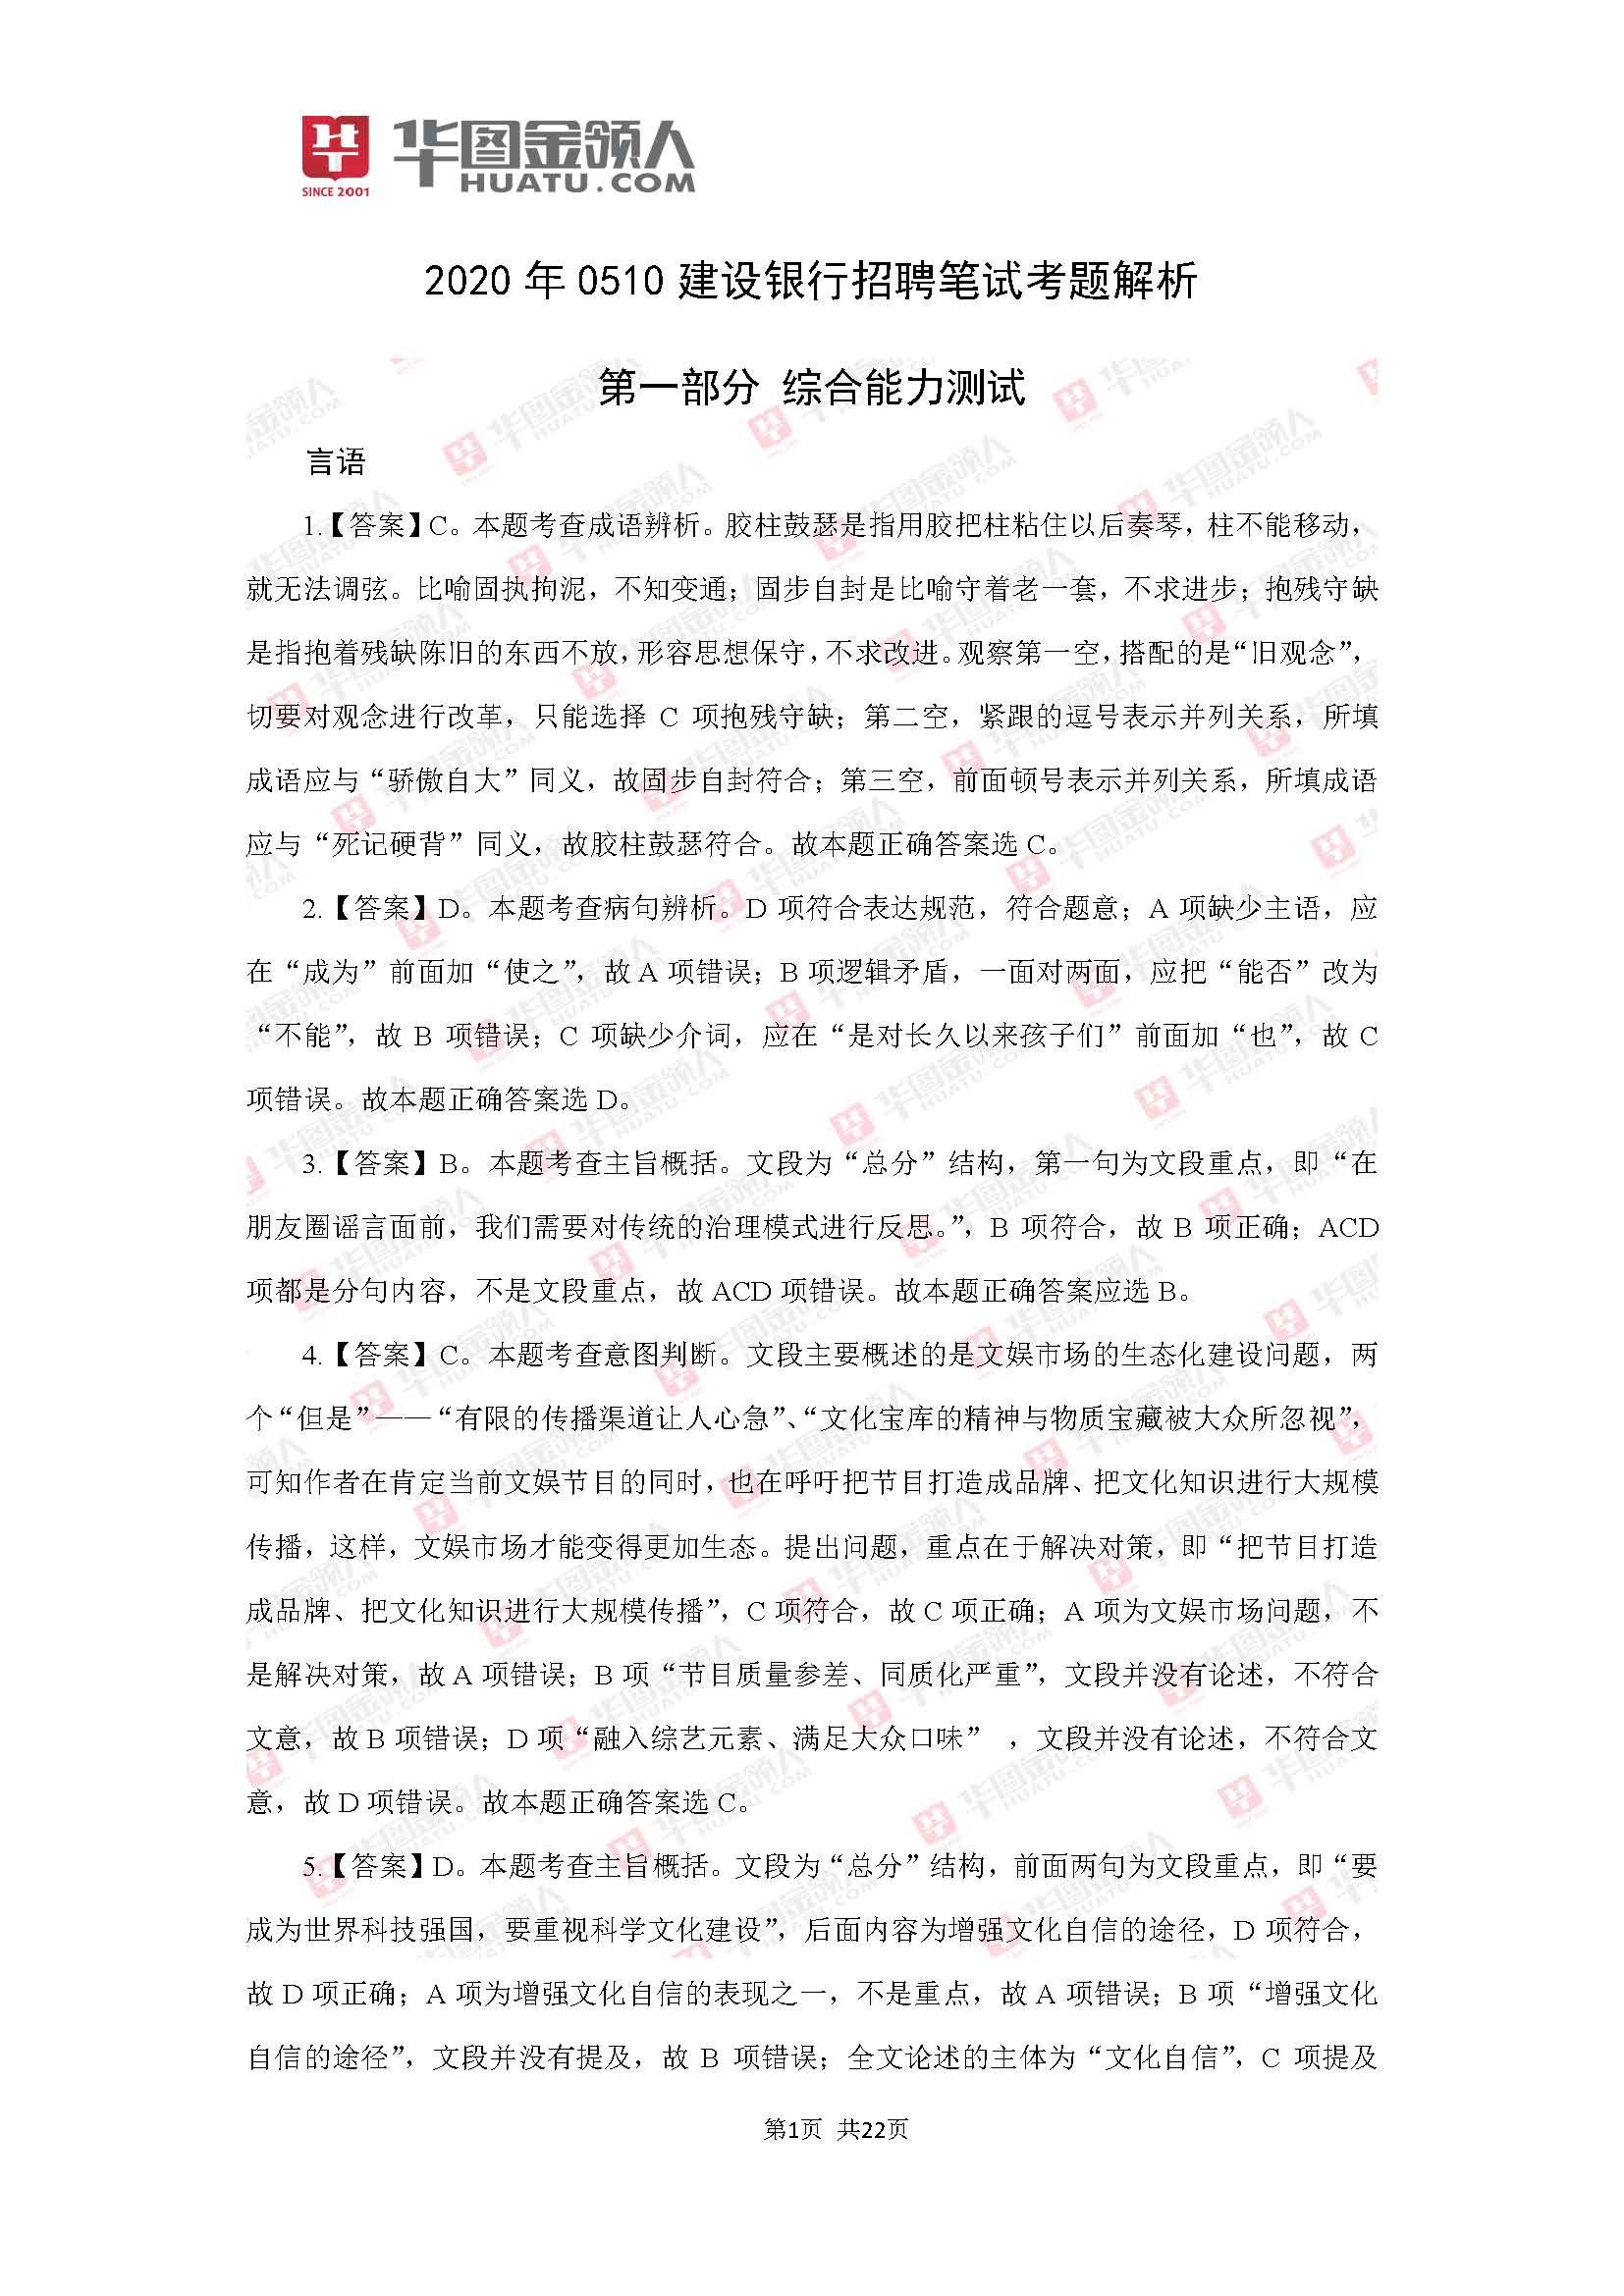 2020中国建设银行春季招聘真题题解析